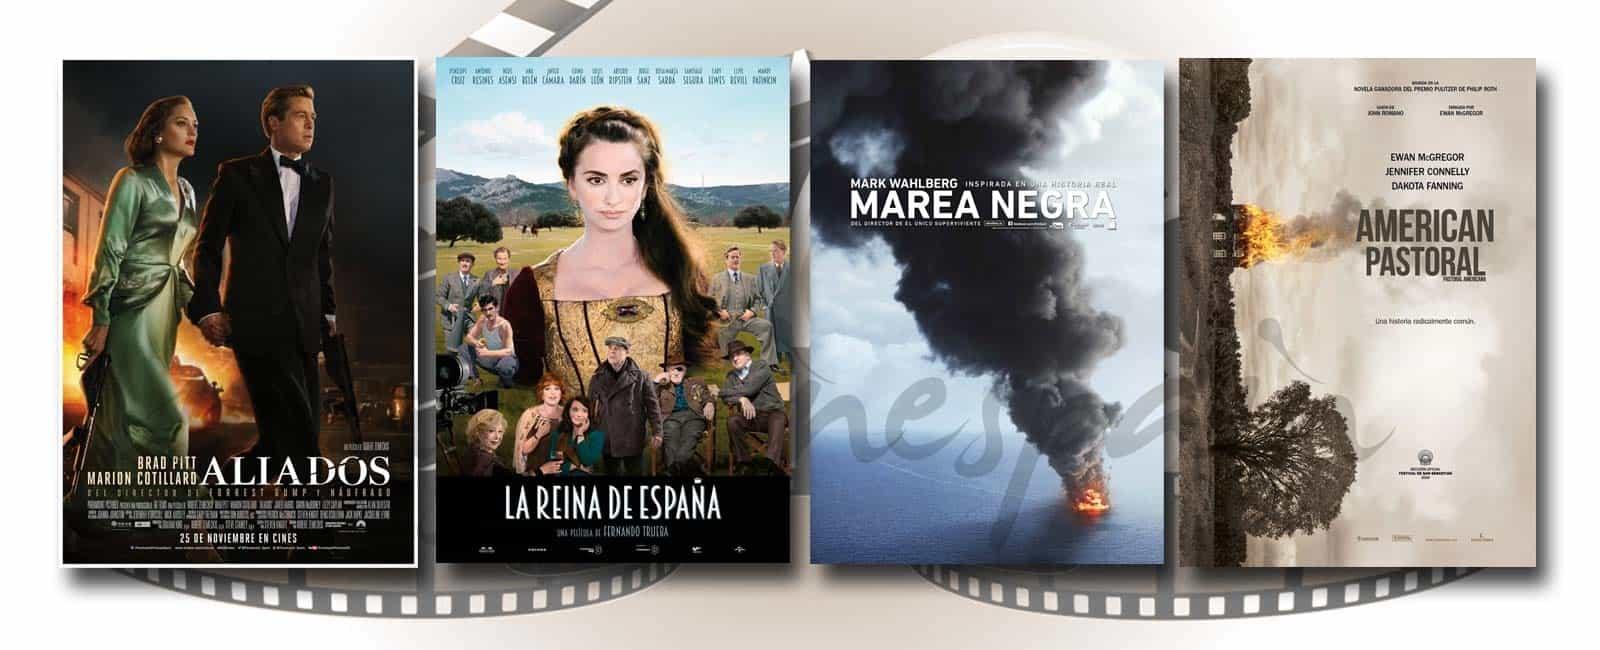 Estrenos de Cine de la Semana… 25 de Noviembre 2016